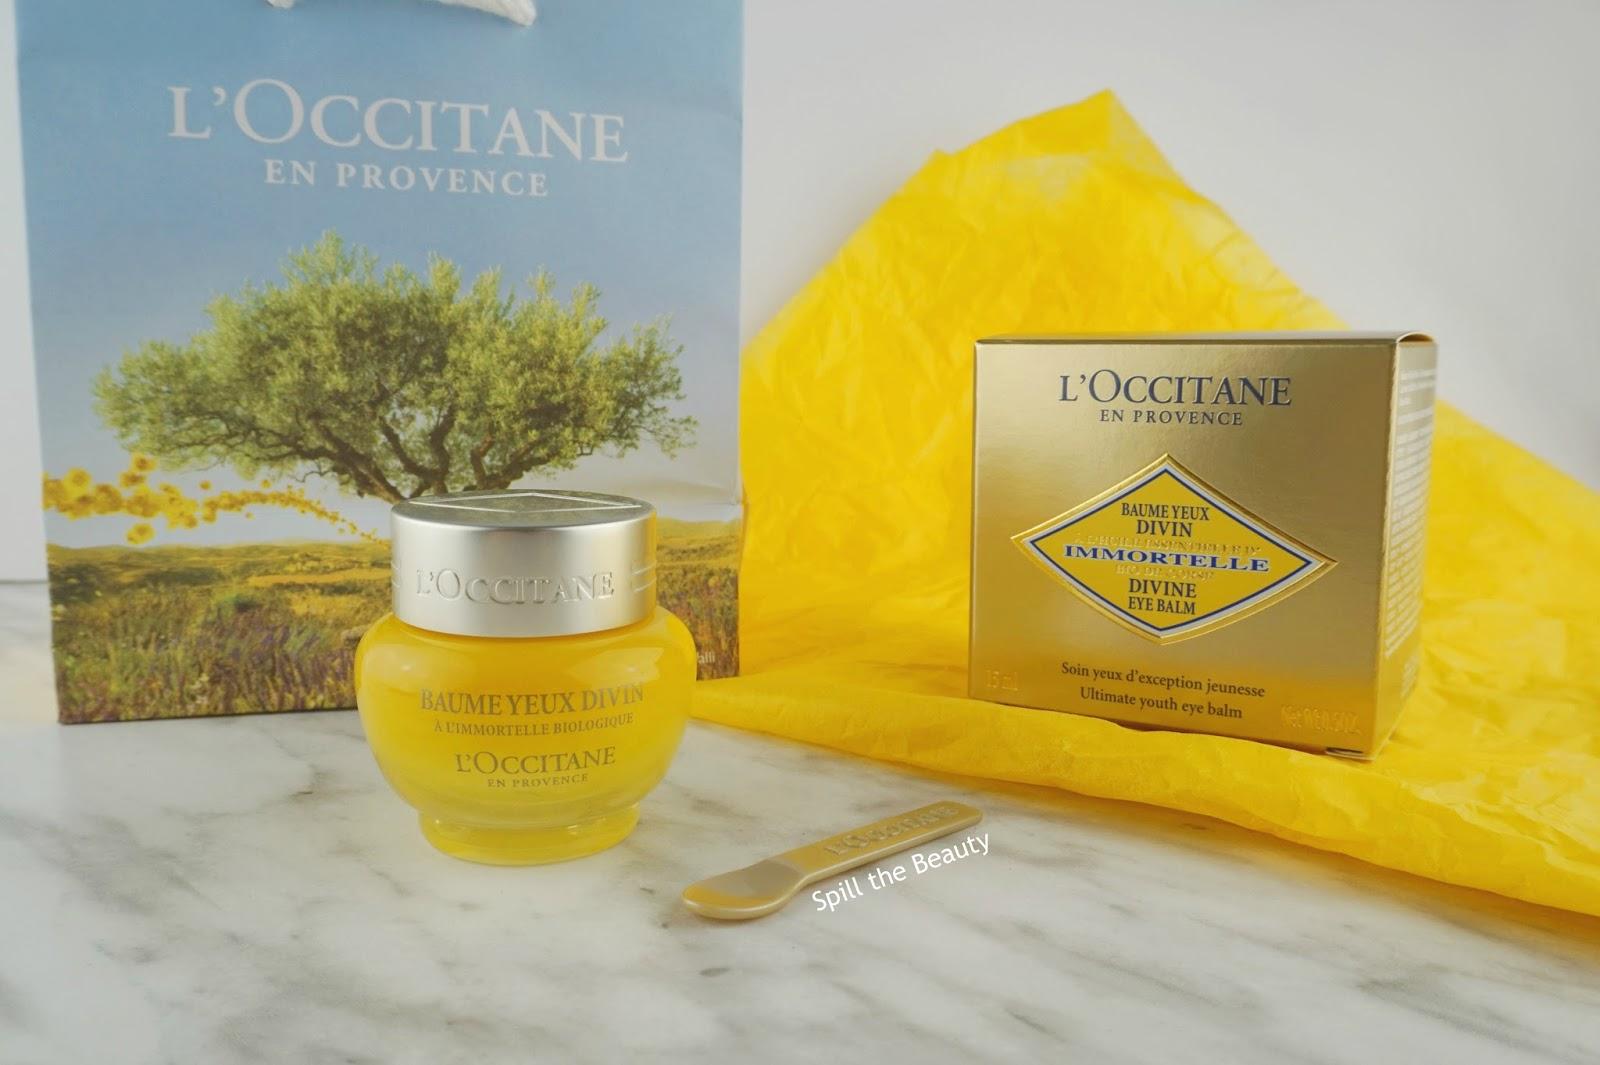 L'Occitane en Provence Divine Eye Balm Review